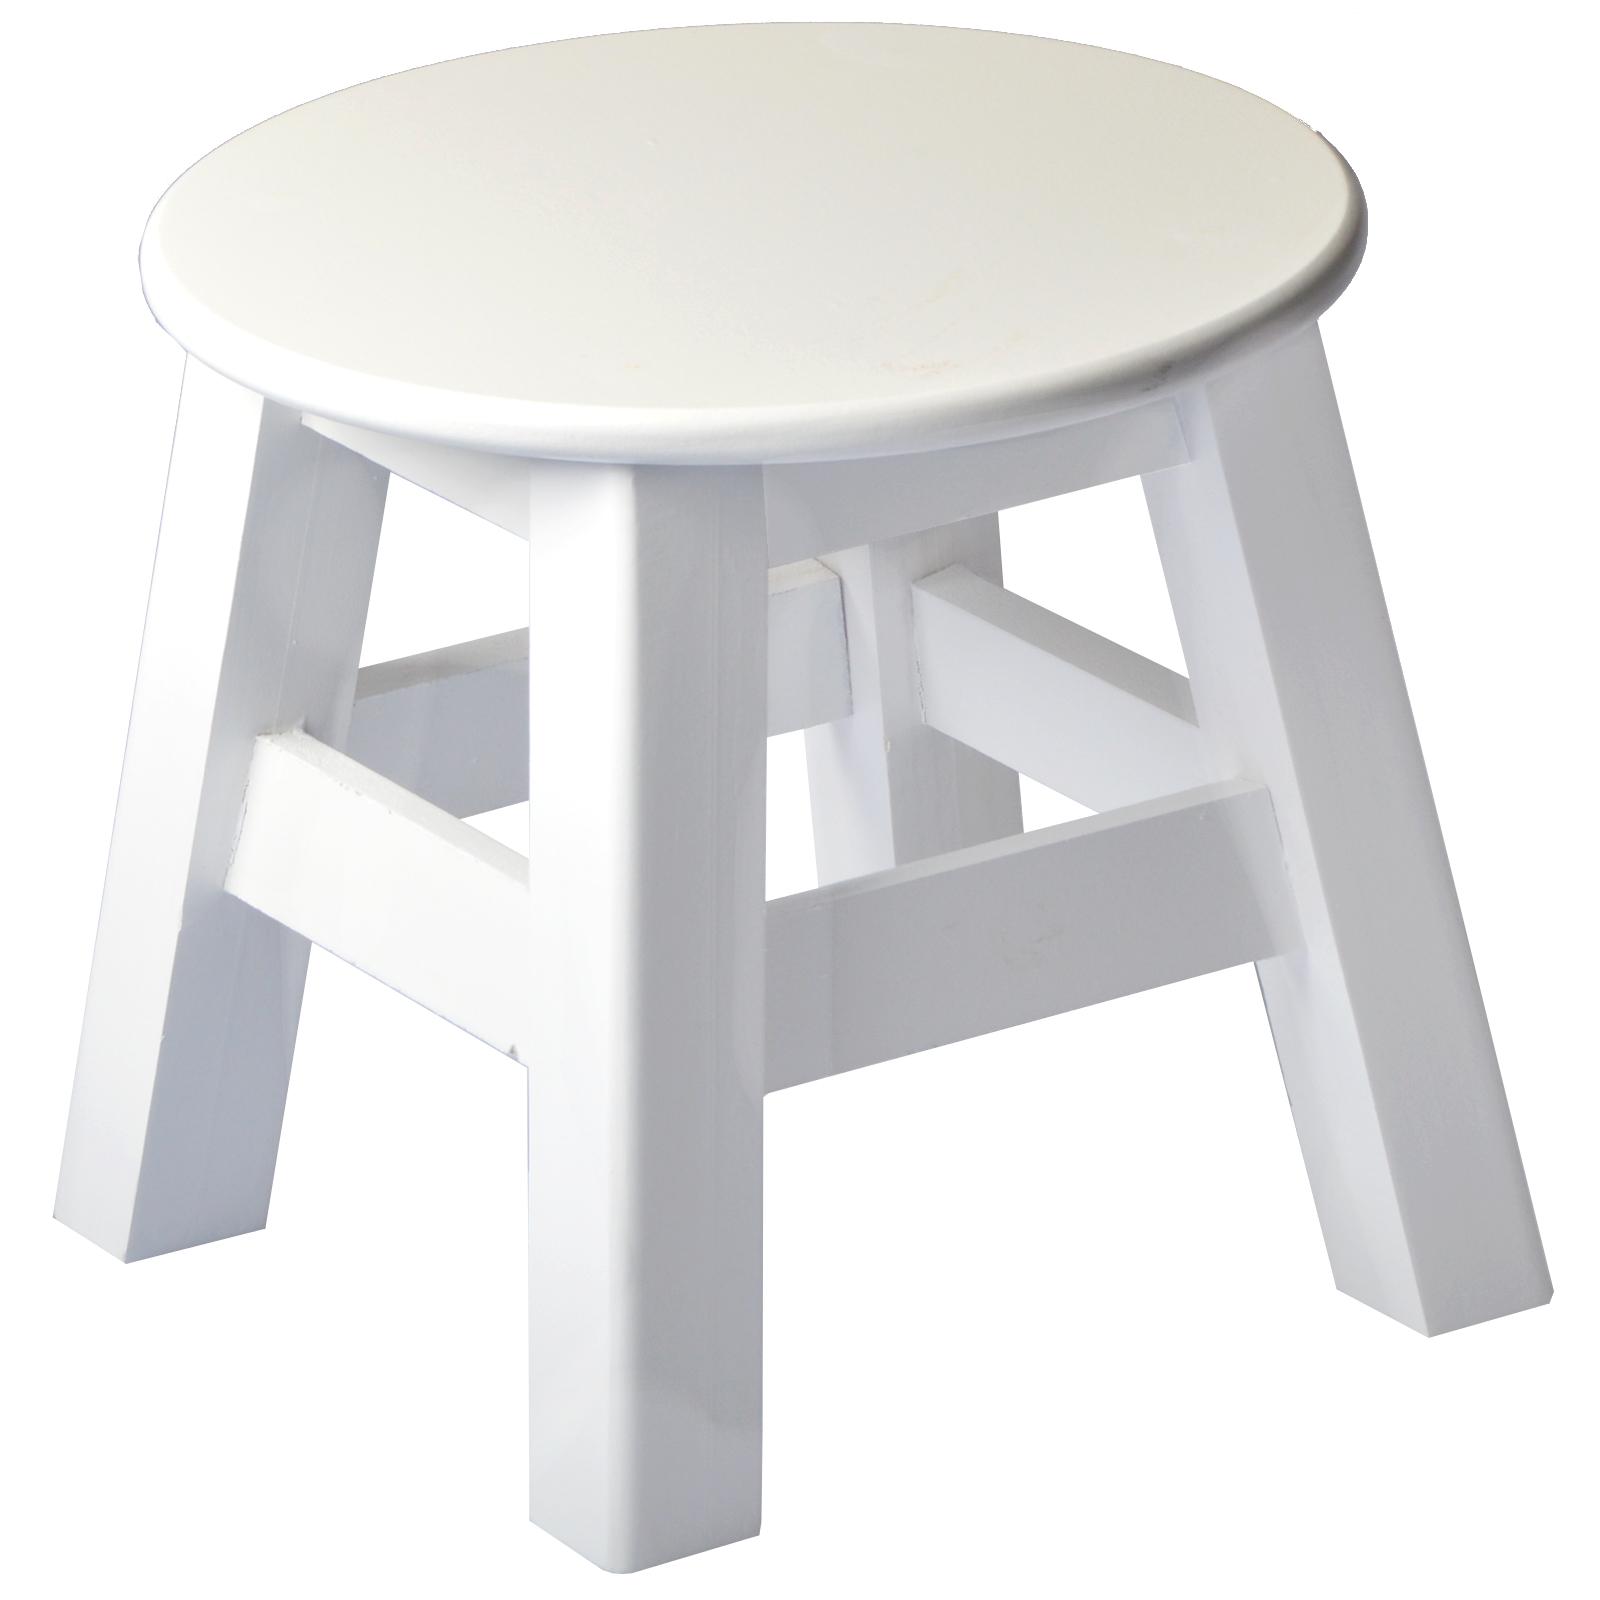 2 colori sgabello in legno sedia mobili piedi feci ebay - Colori mobili legno ...